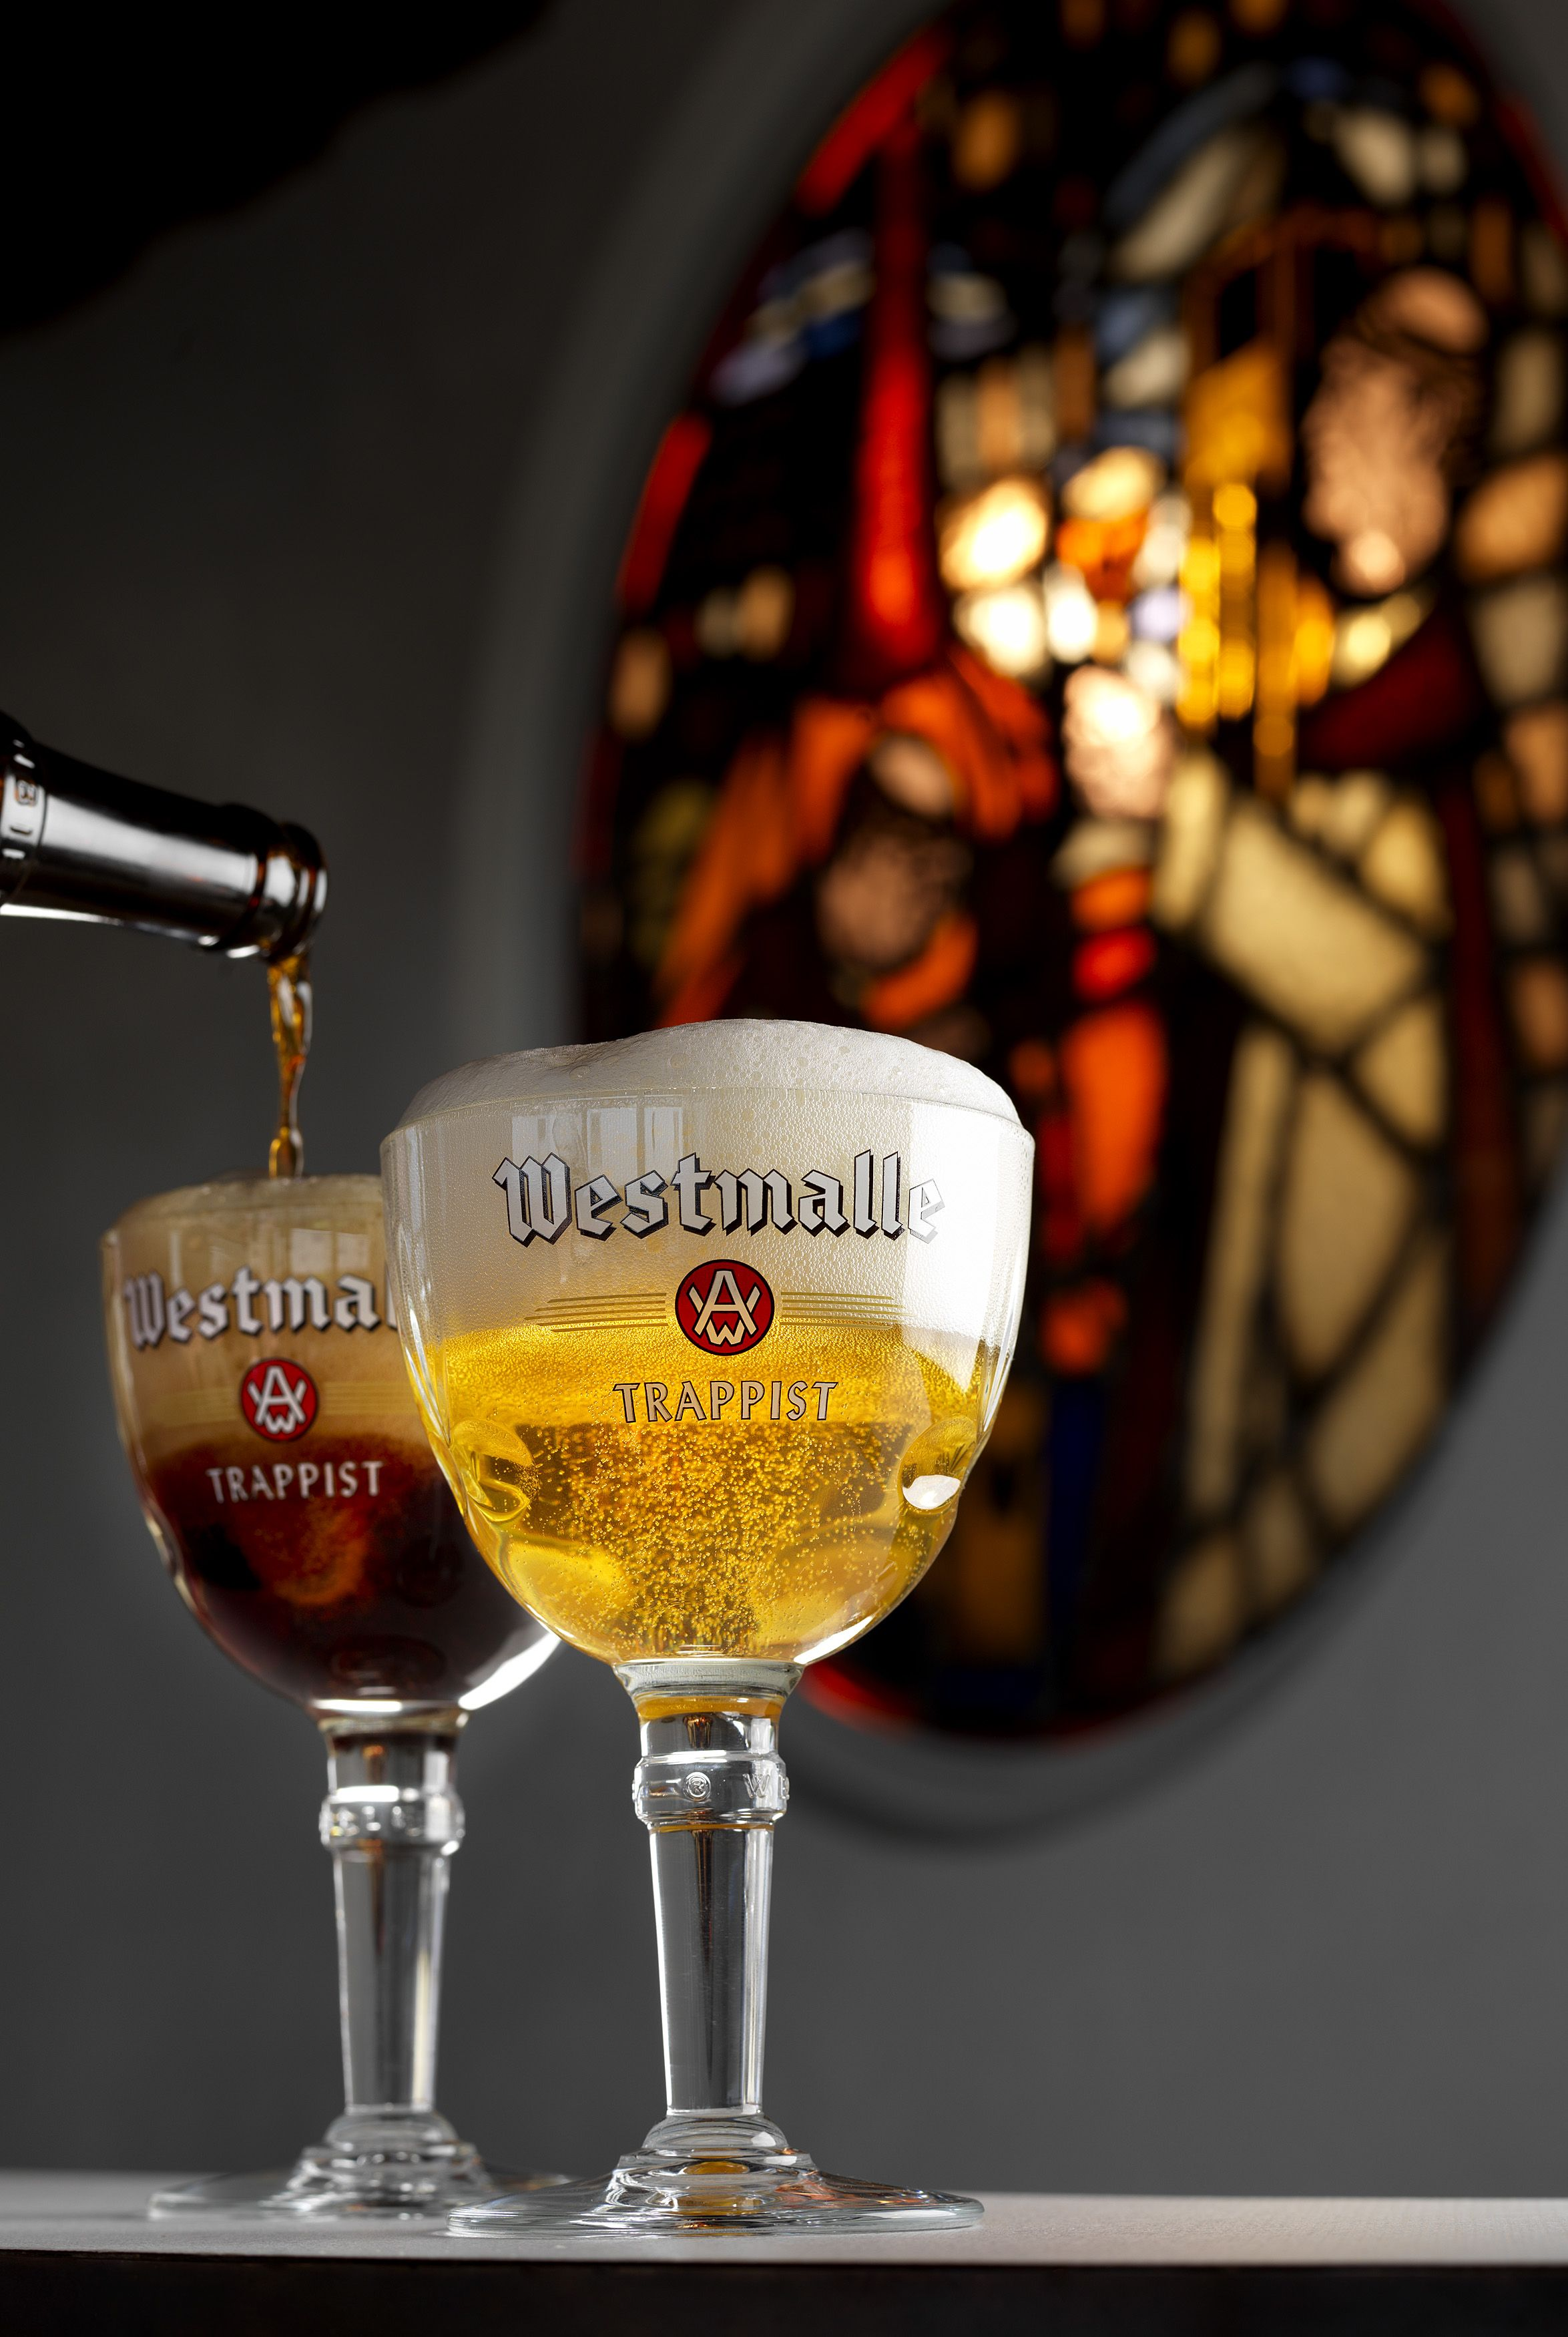 Découvrez les bières belges, plus de 1 500 variétés vous attendent : bit.ly/Bi Crédit : www.milo-profi.be